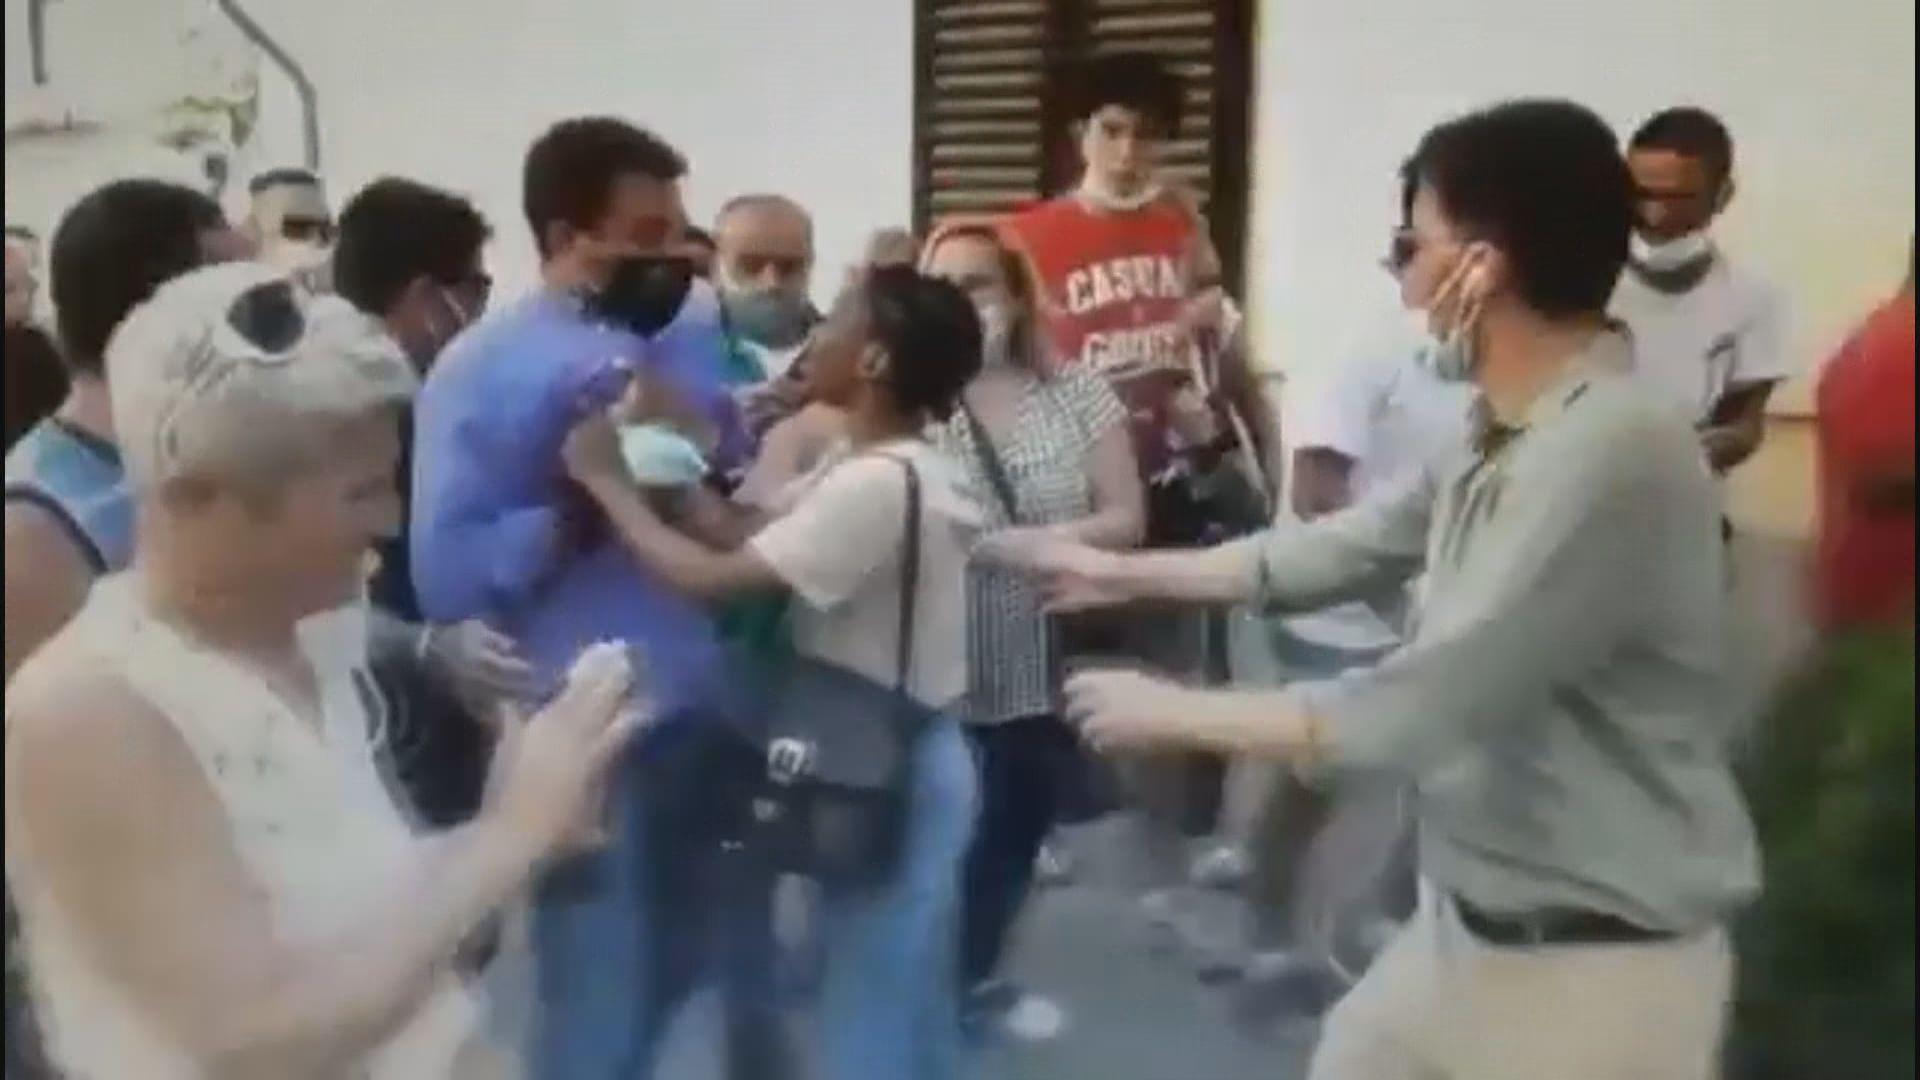 【環球薈報】意大利反移民極右政黨領袖遇襲